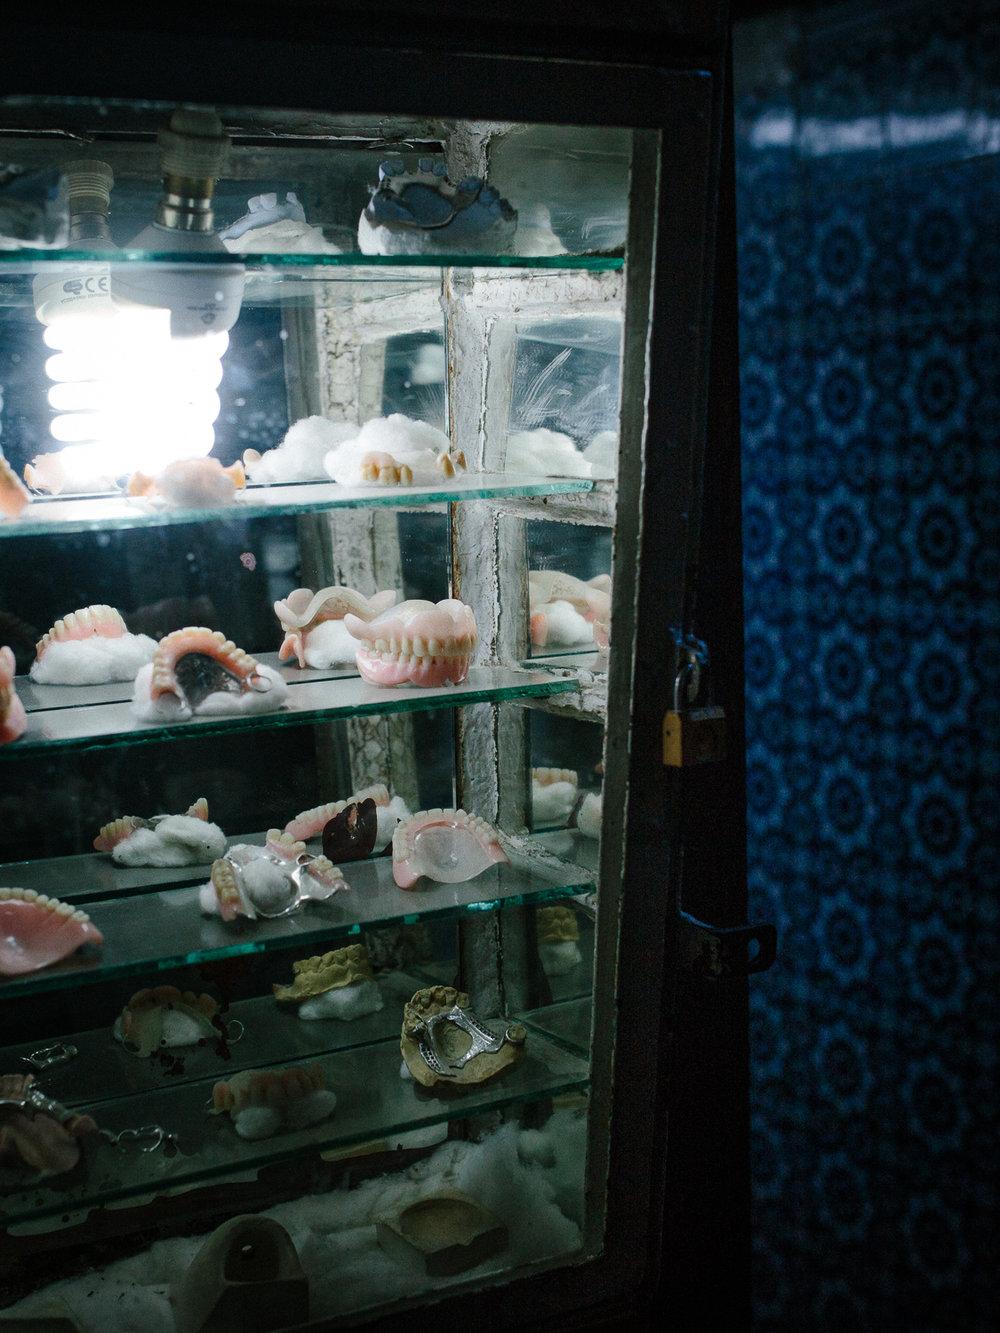 Matkailu-Marokko-valokuvaus-6.jpg